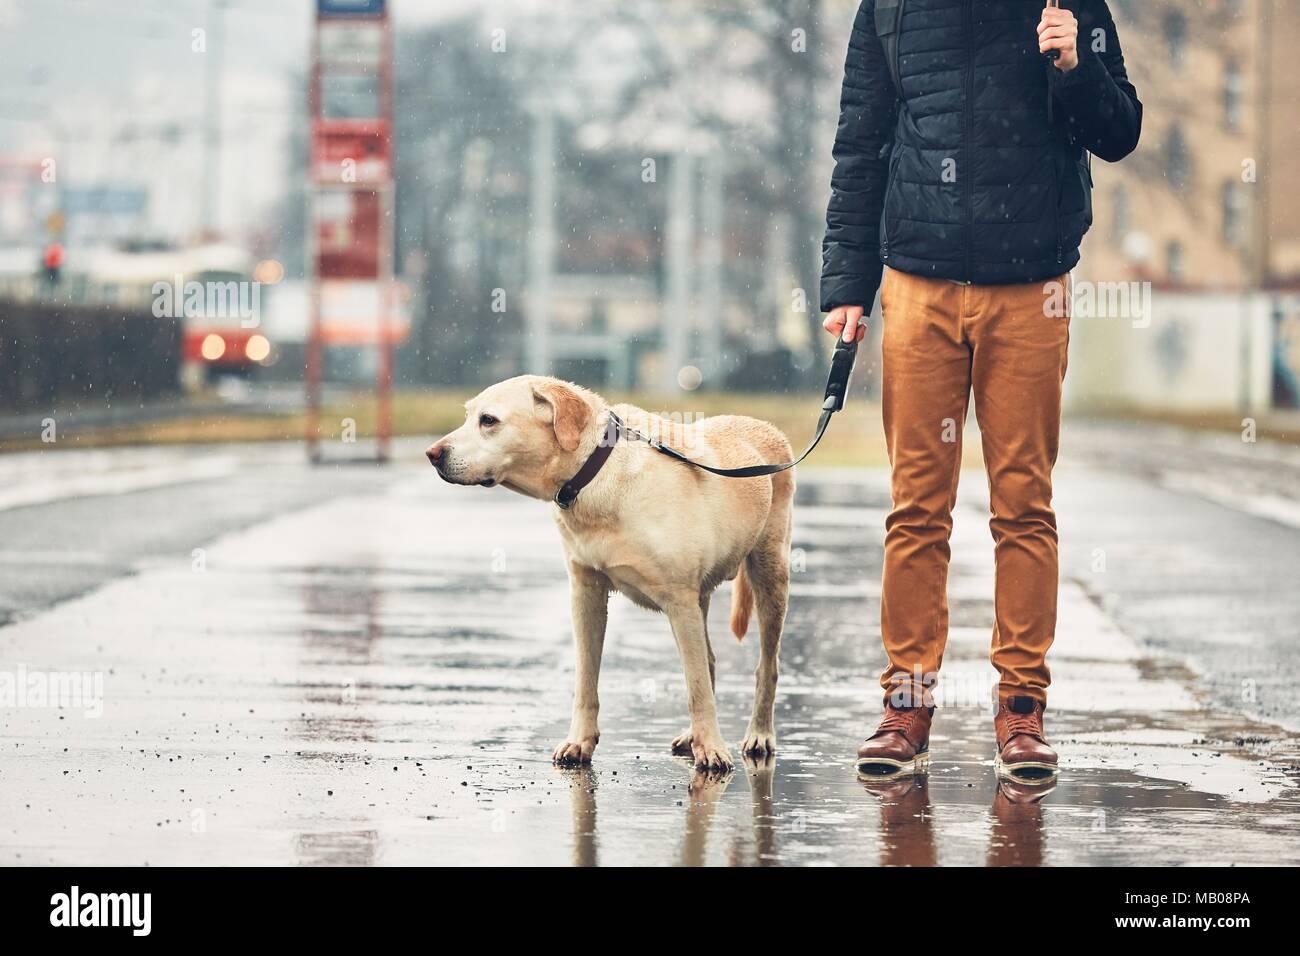 Fosche previsioni in città. L'uomo con il suo cane (labrador retriever) camminando sotto la pioggia sulla strada. Praga, Repubblica Ceca. Immagini Stock